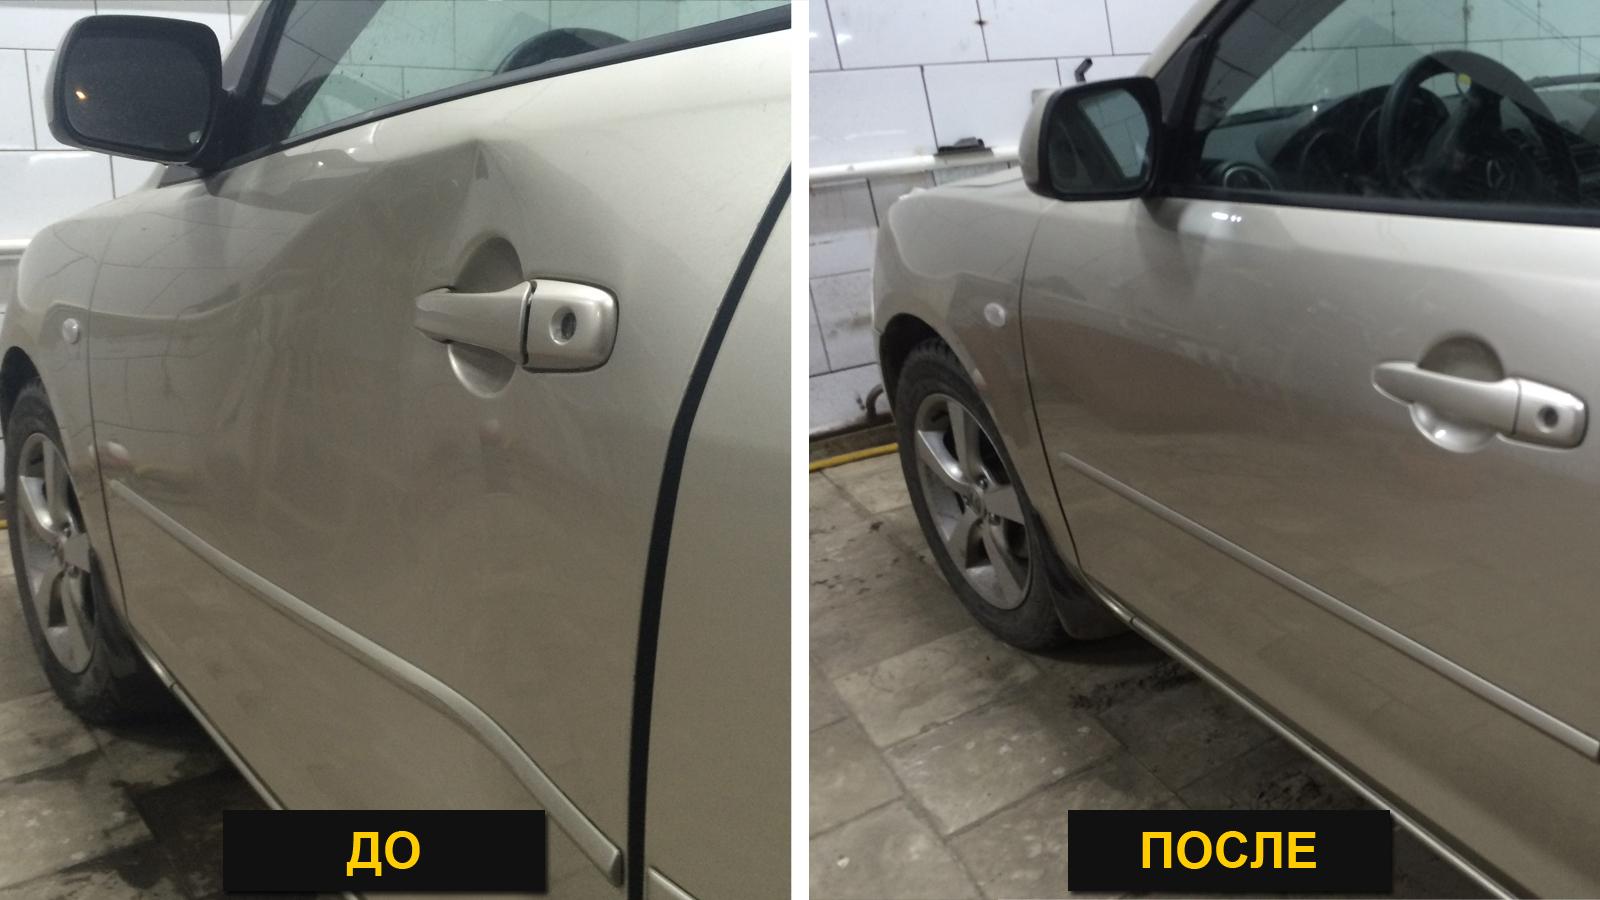 Выпрямляем вмятины на авто без покраски: советы 47